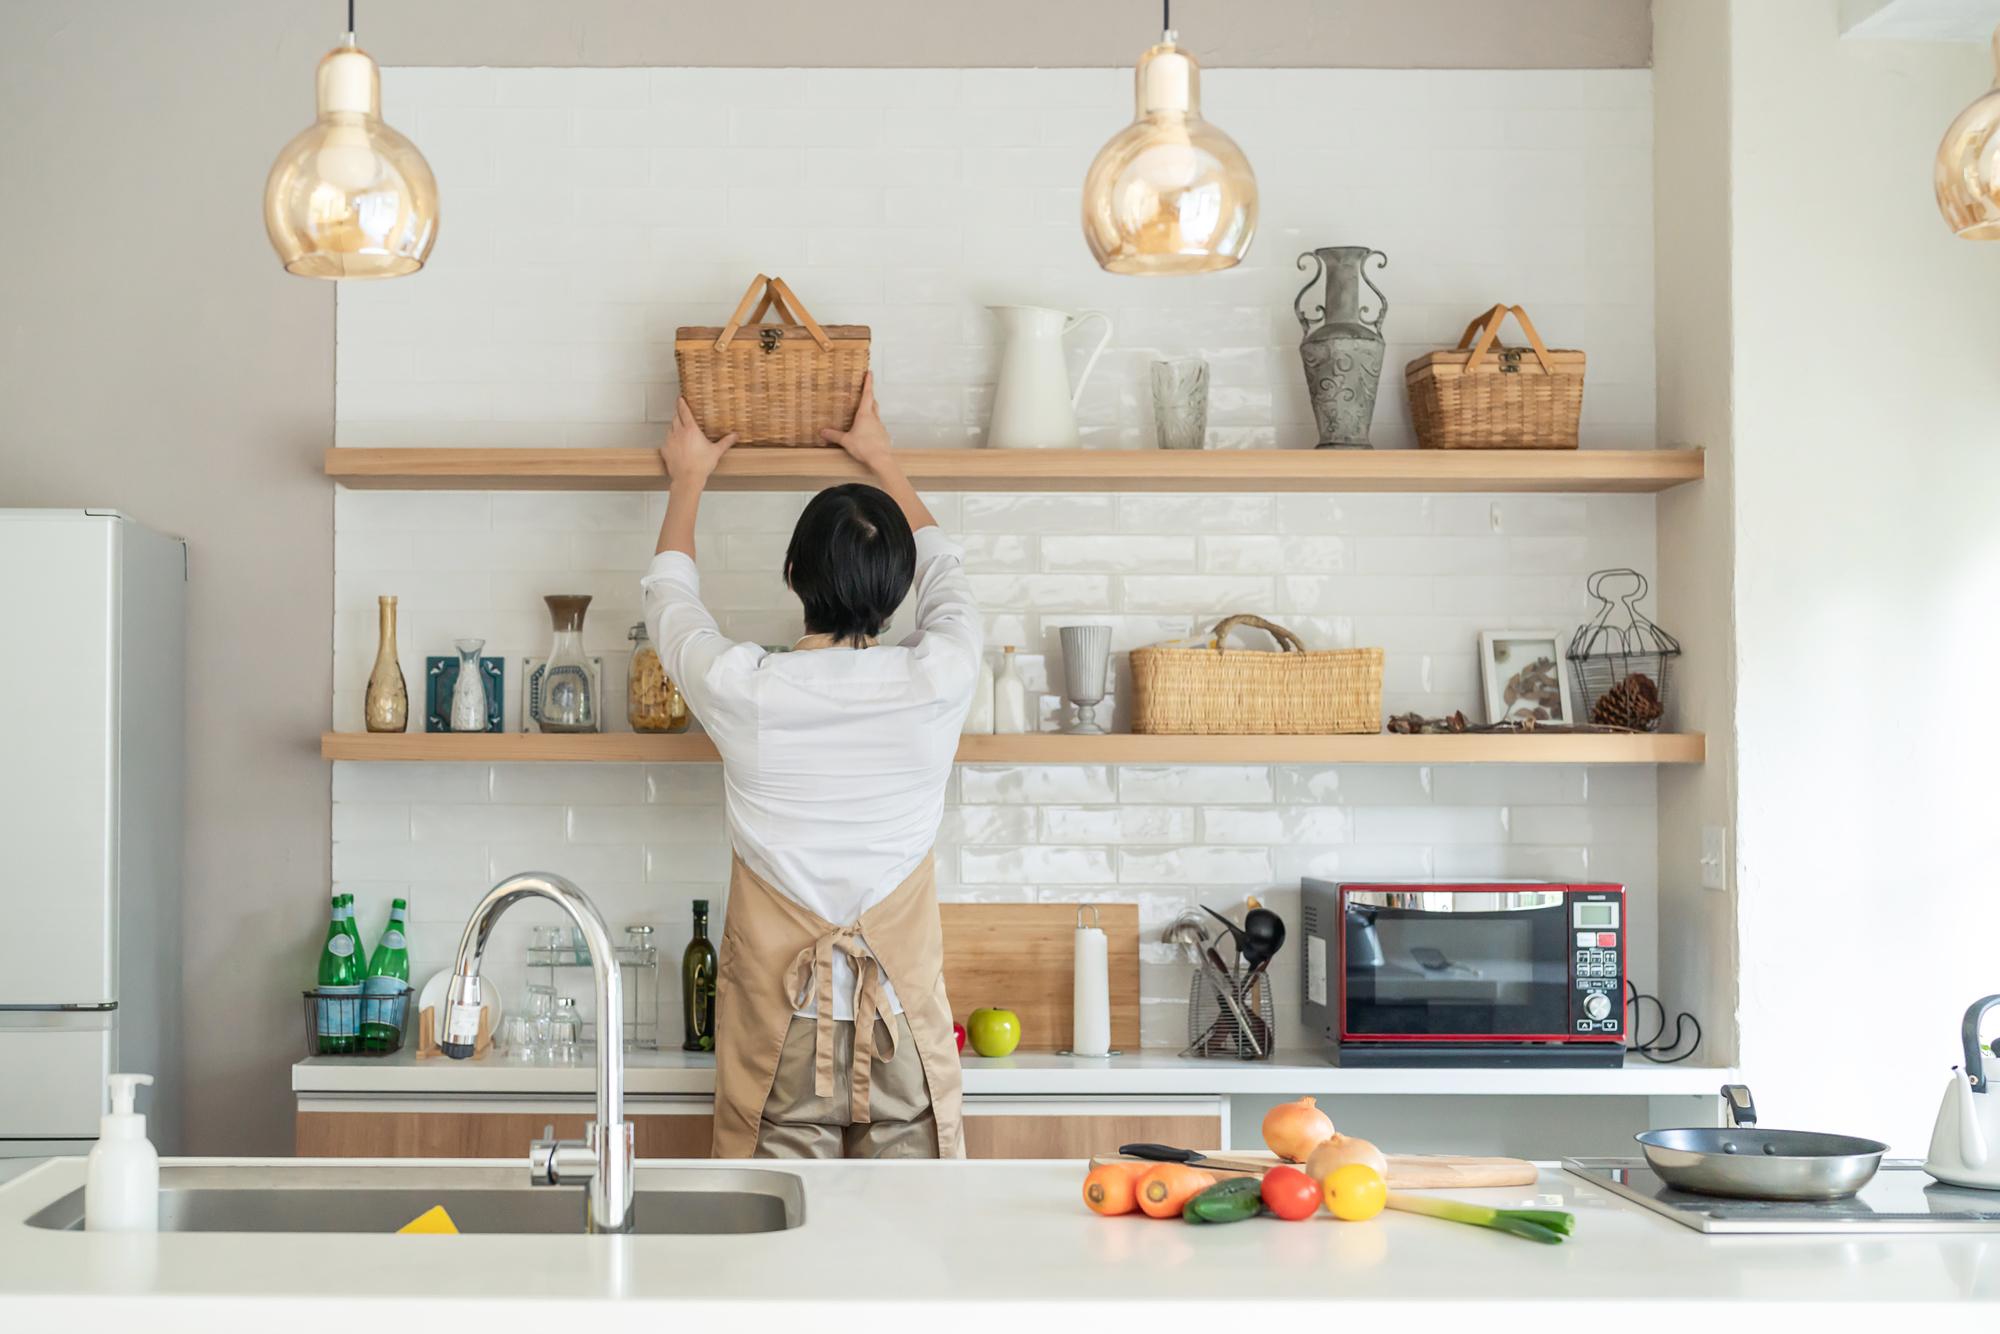 オリジナルキッチン収納